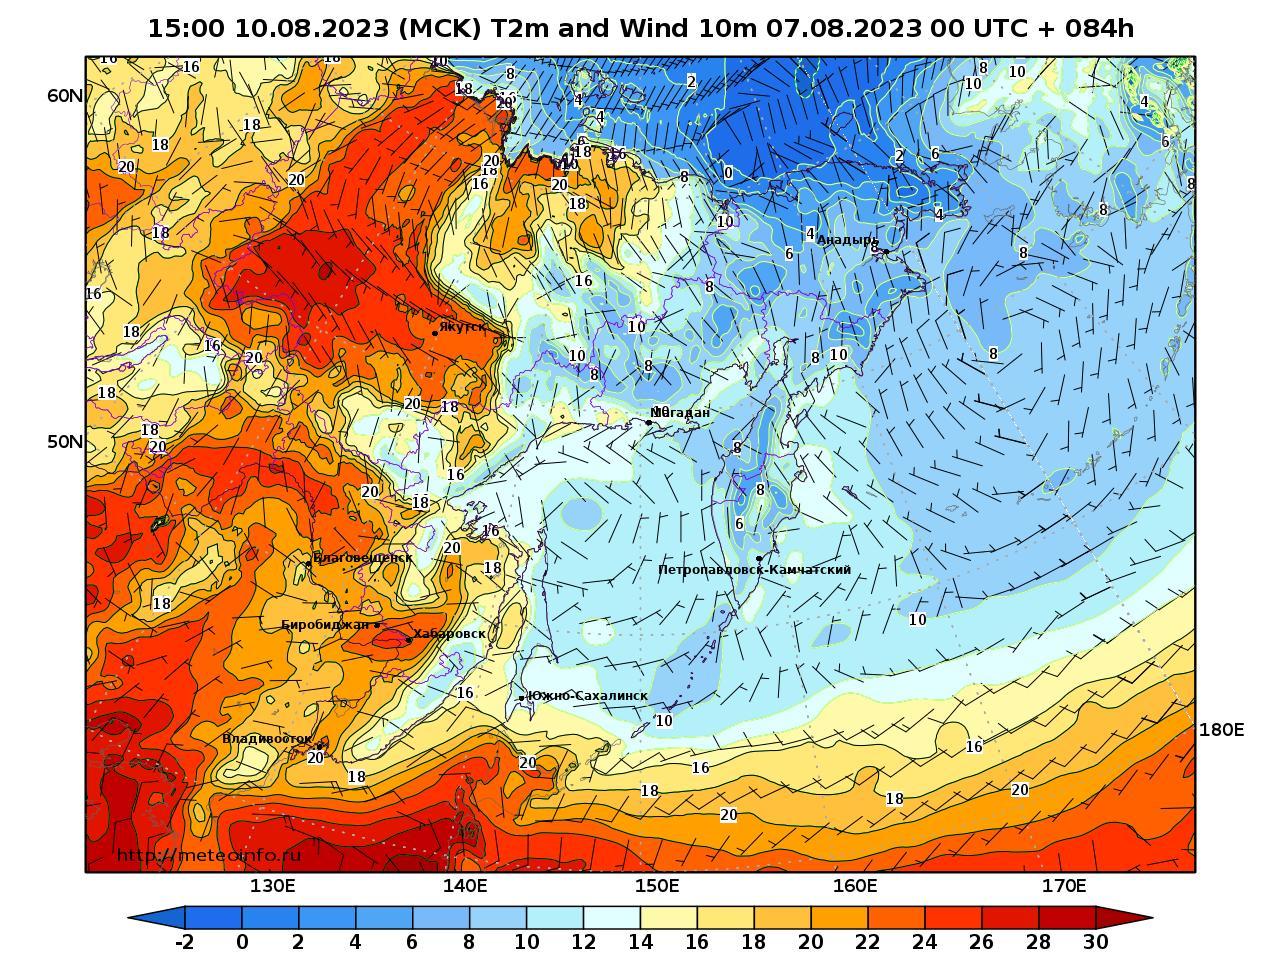 Дальний Восток, прогностическая карта приземная температура, заблаговременность прогноза 84 часа